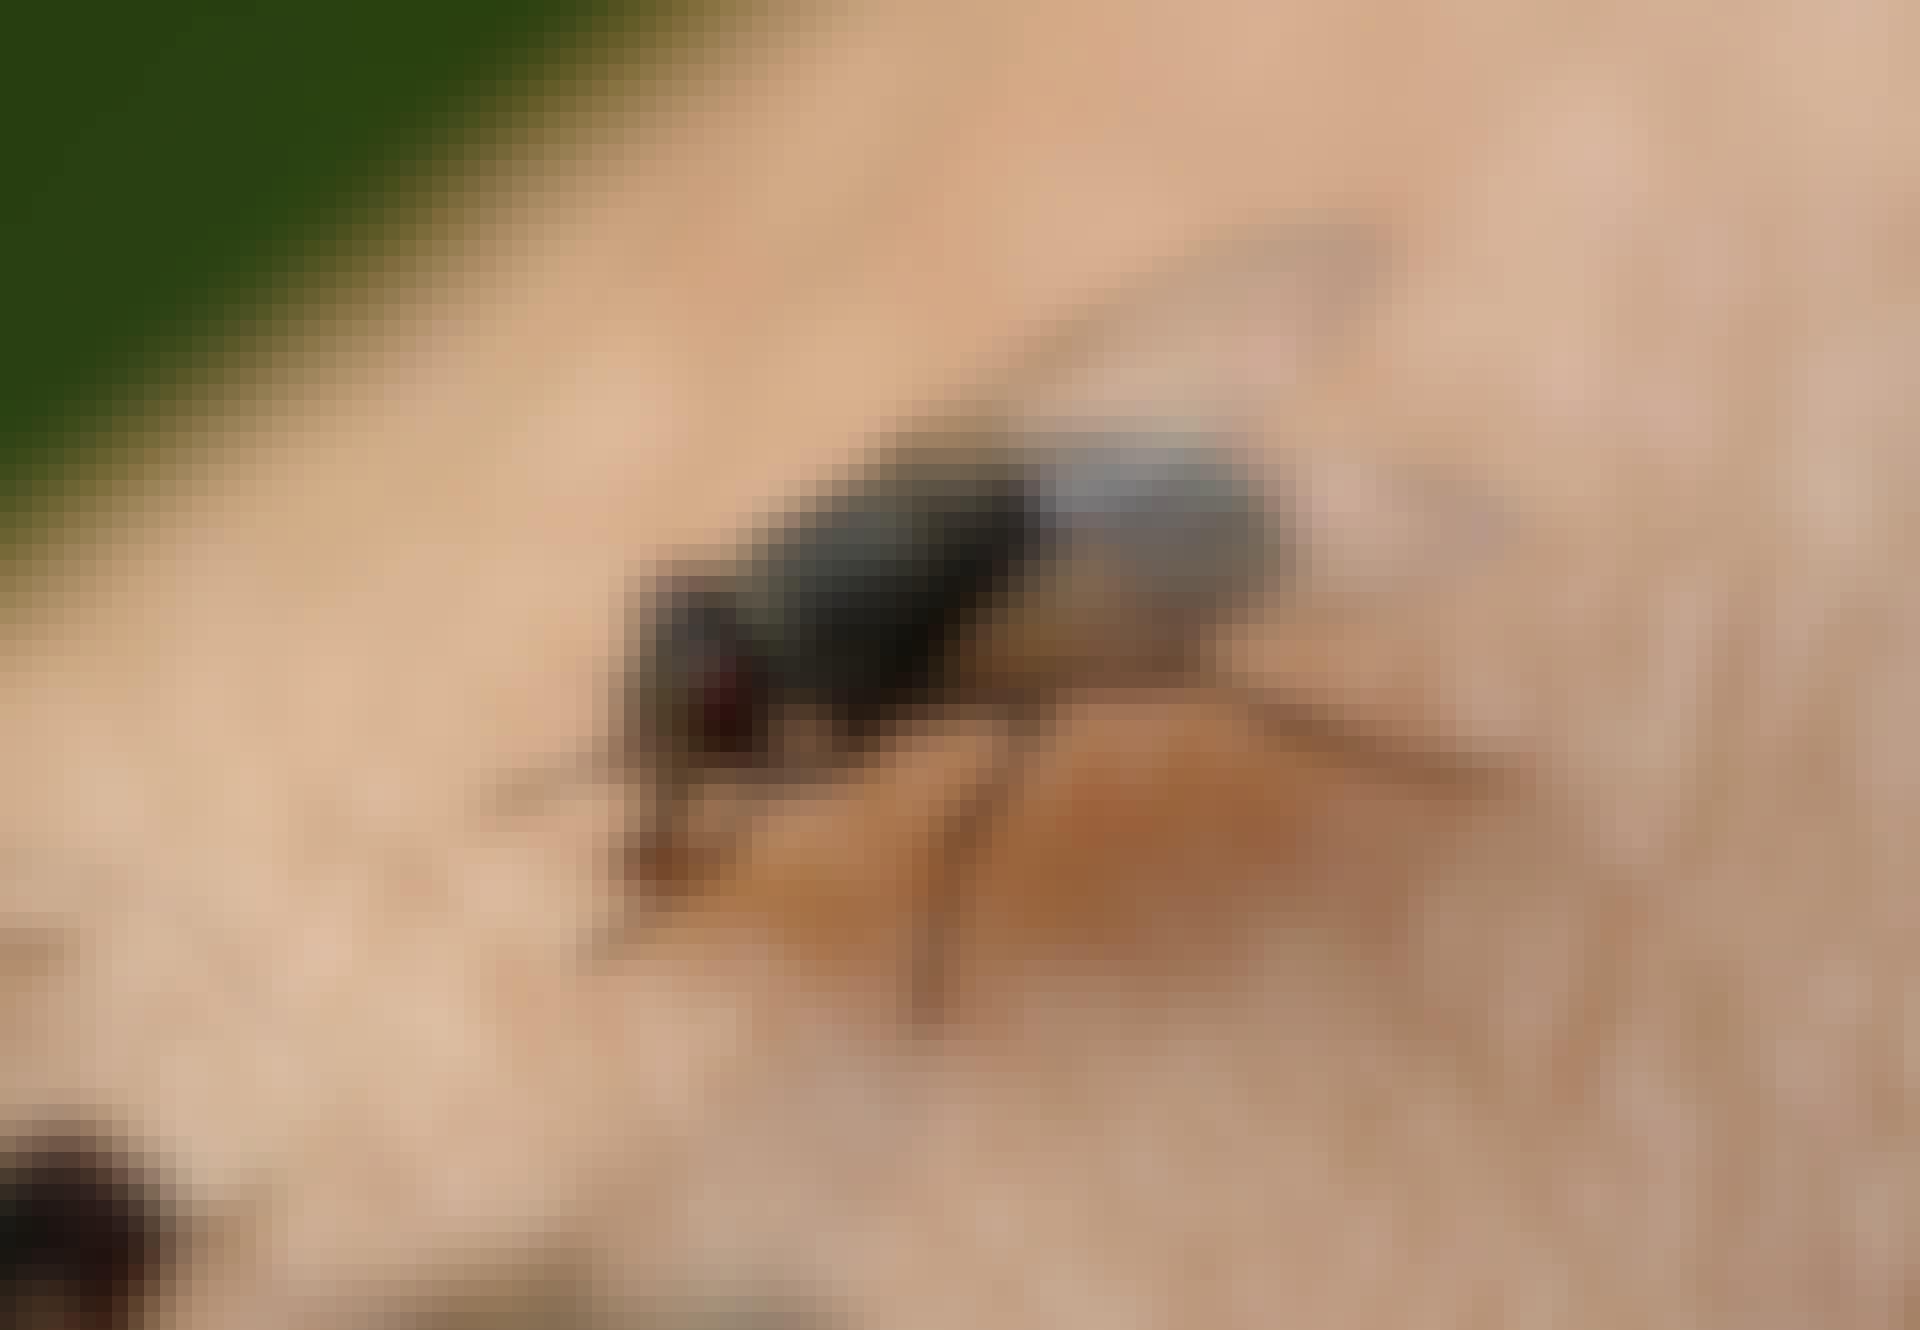 Fluga sitter på människa